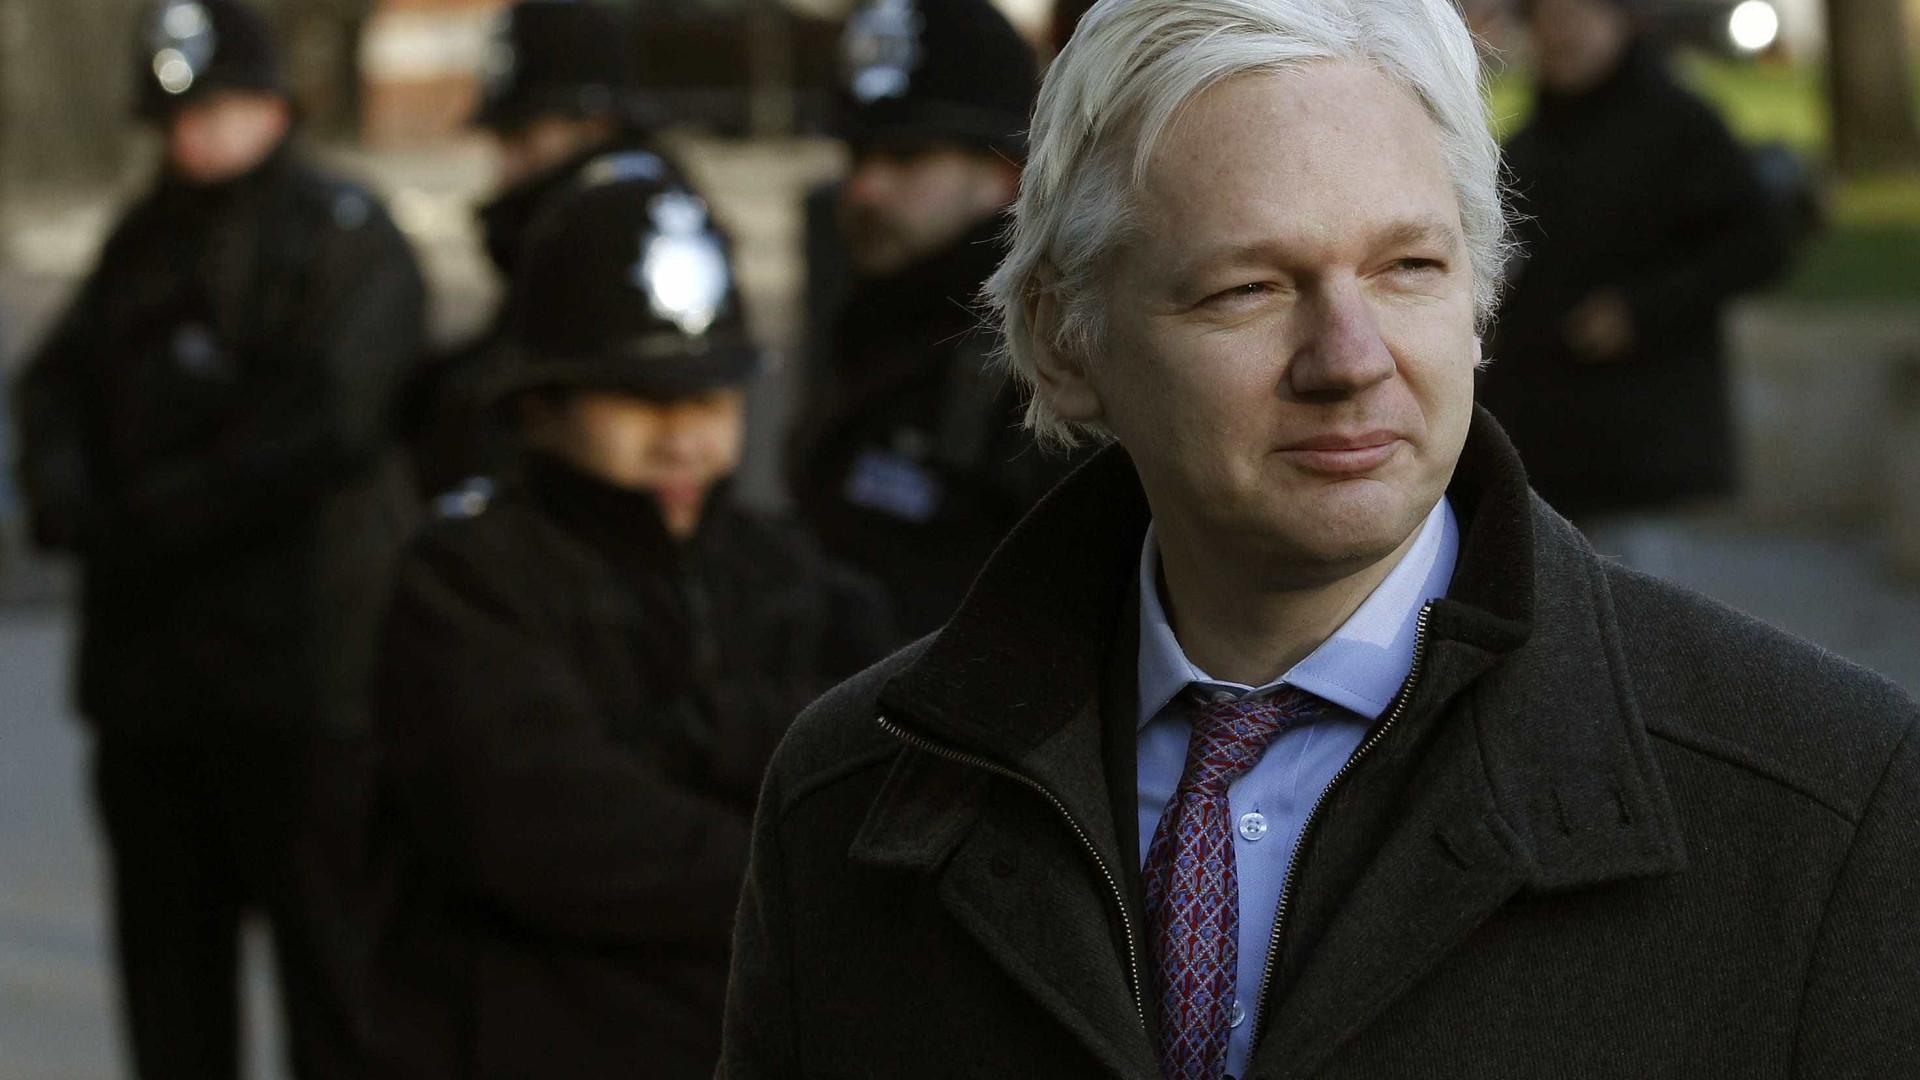 Suécia desiste de investigação contra fundador da WikiLeaks